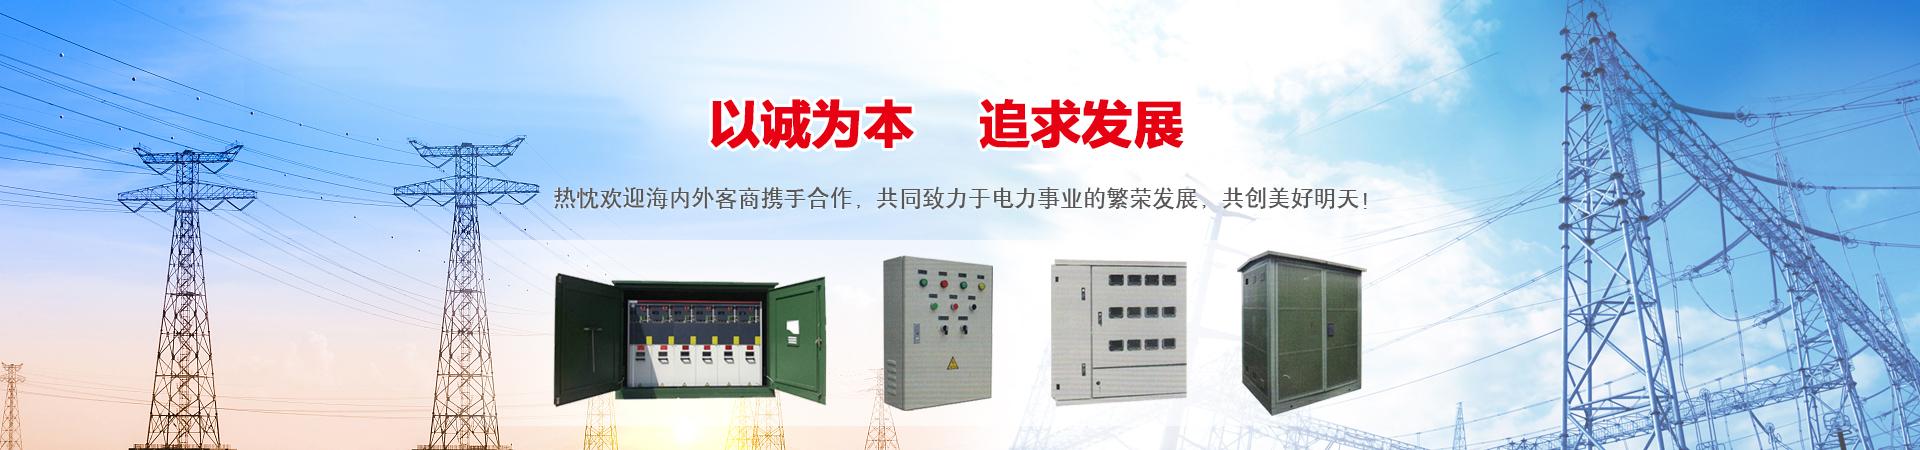 贵州箱式变电站